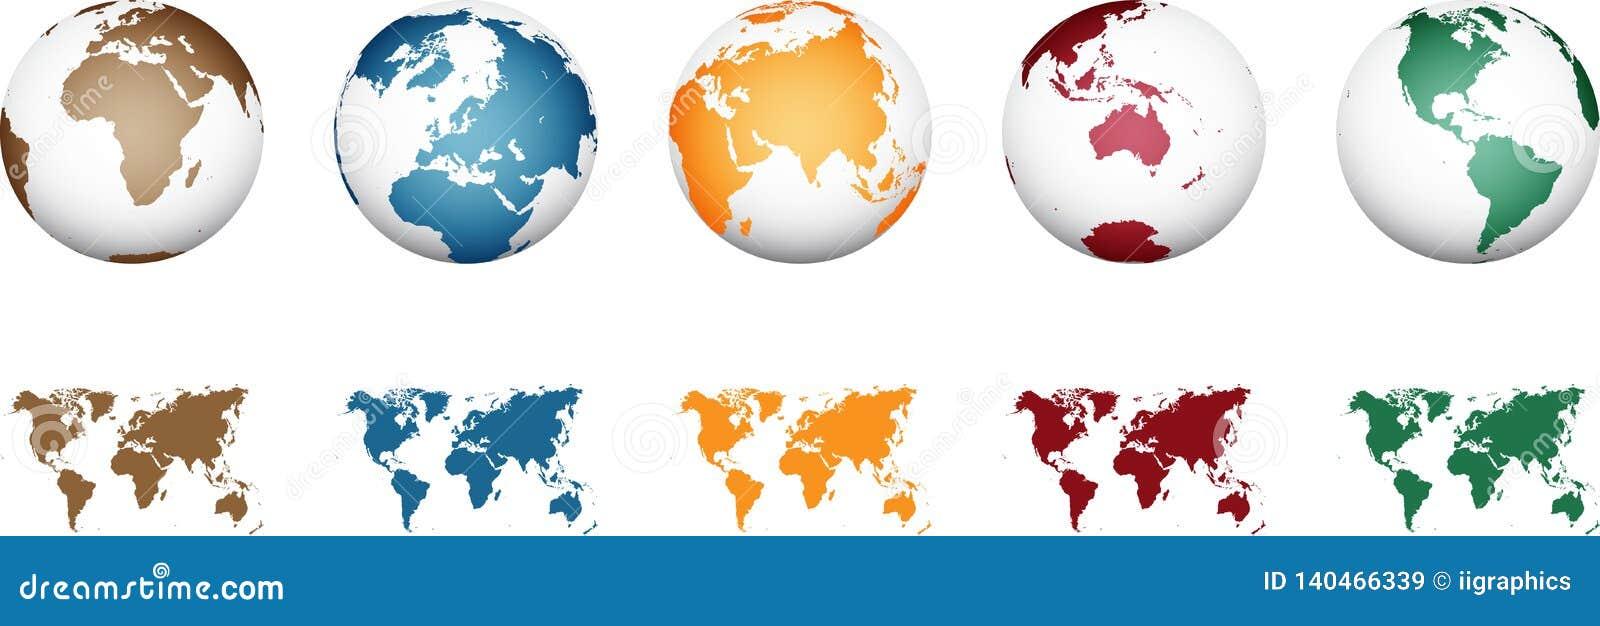 Mapa do mundo - vetor detalhado alto